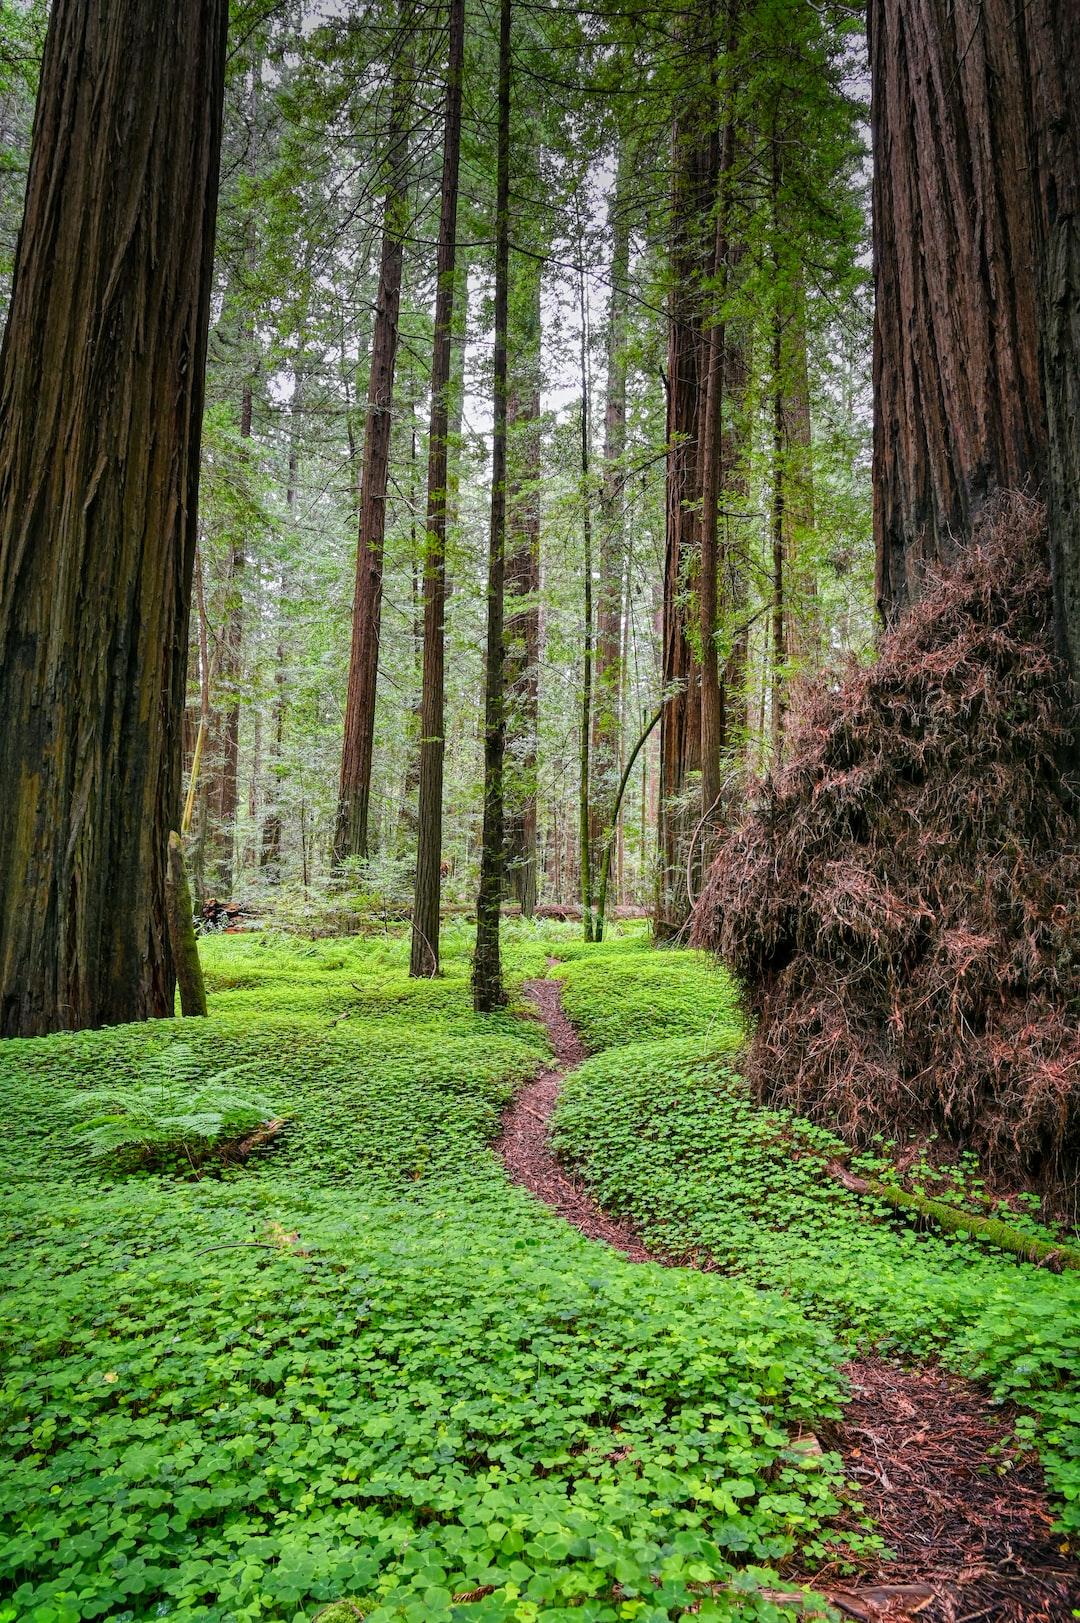 A trail running through a lush green forest